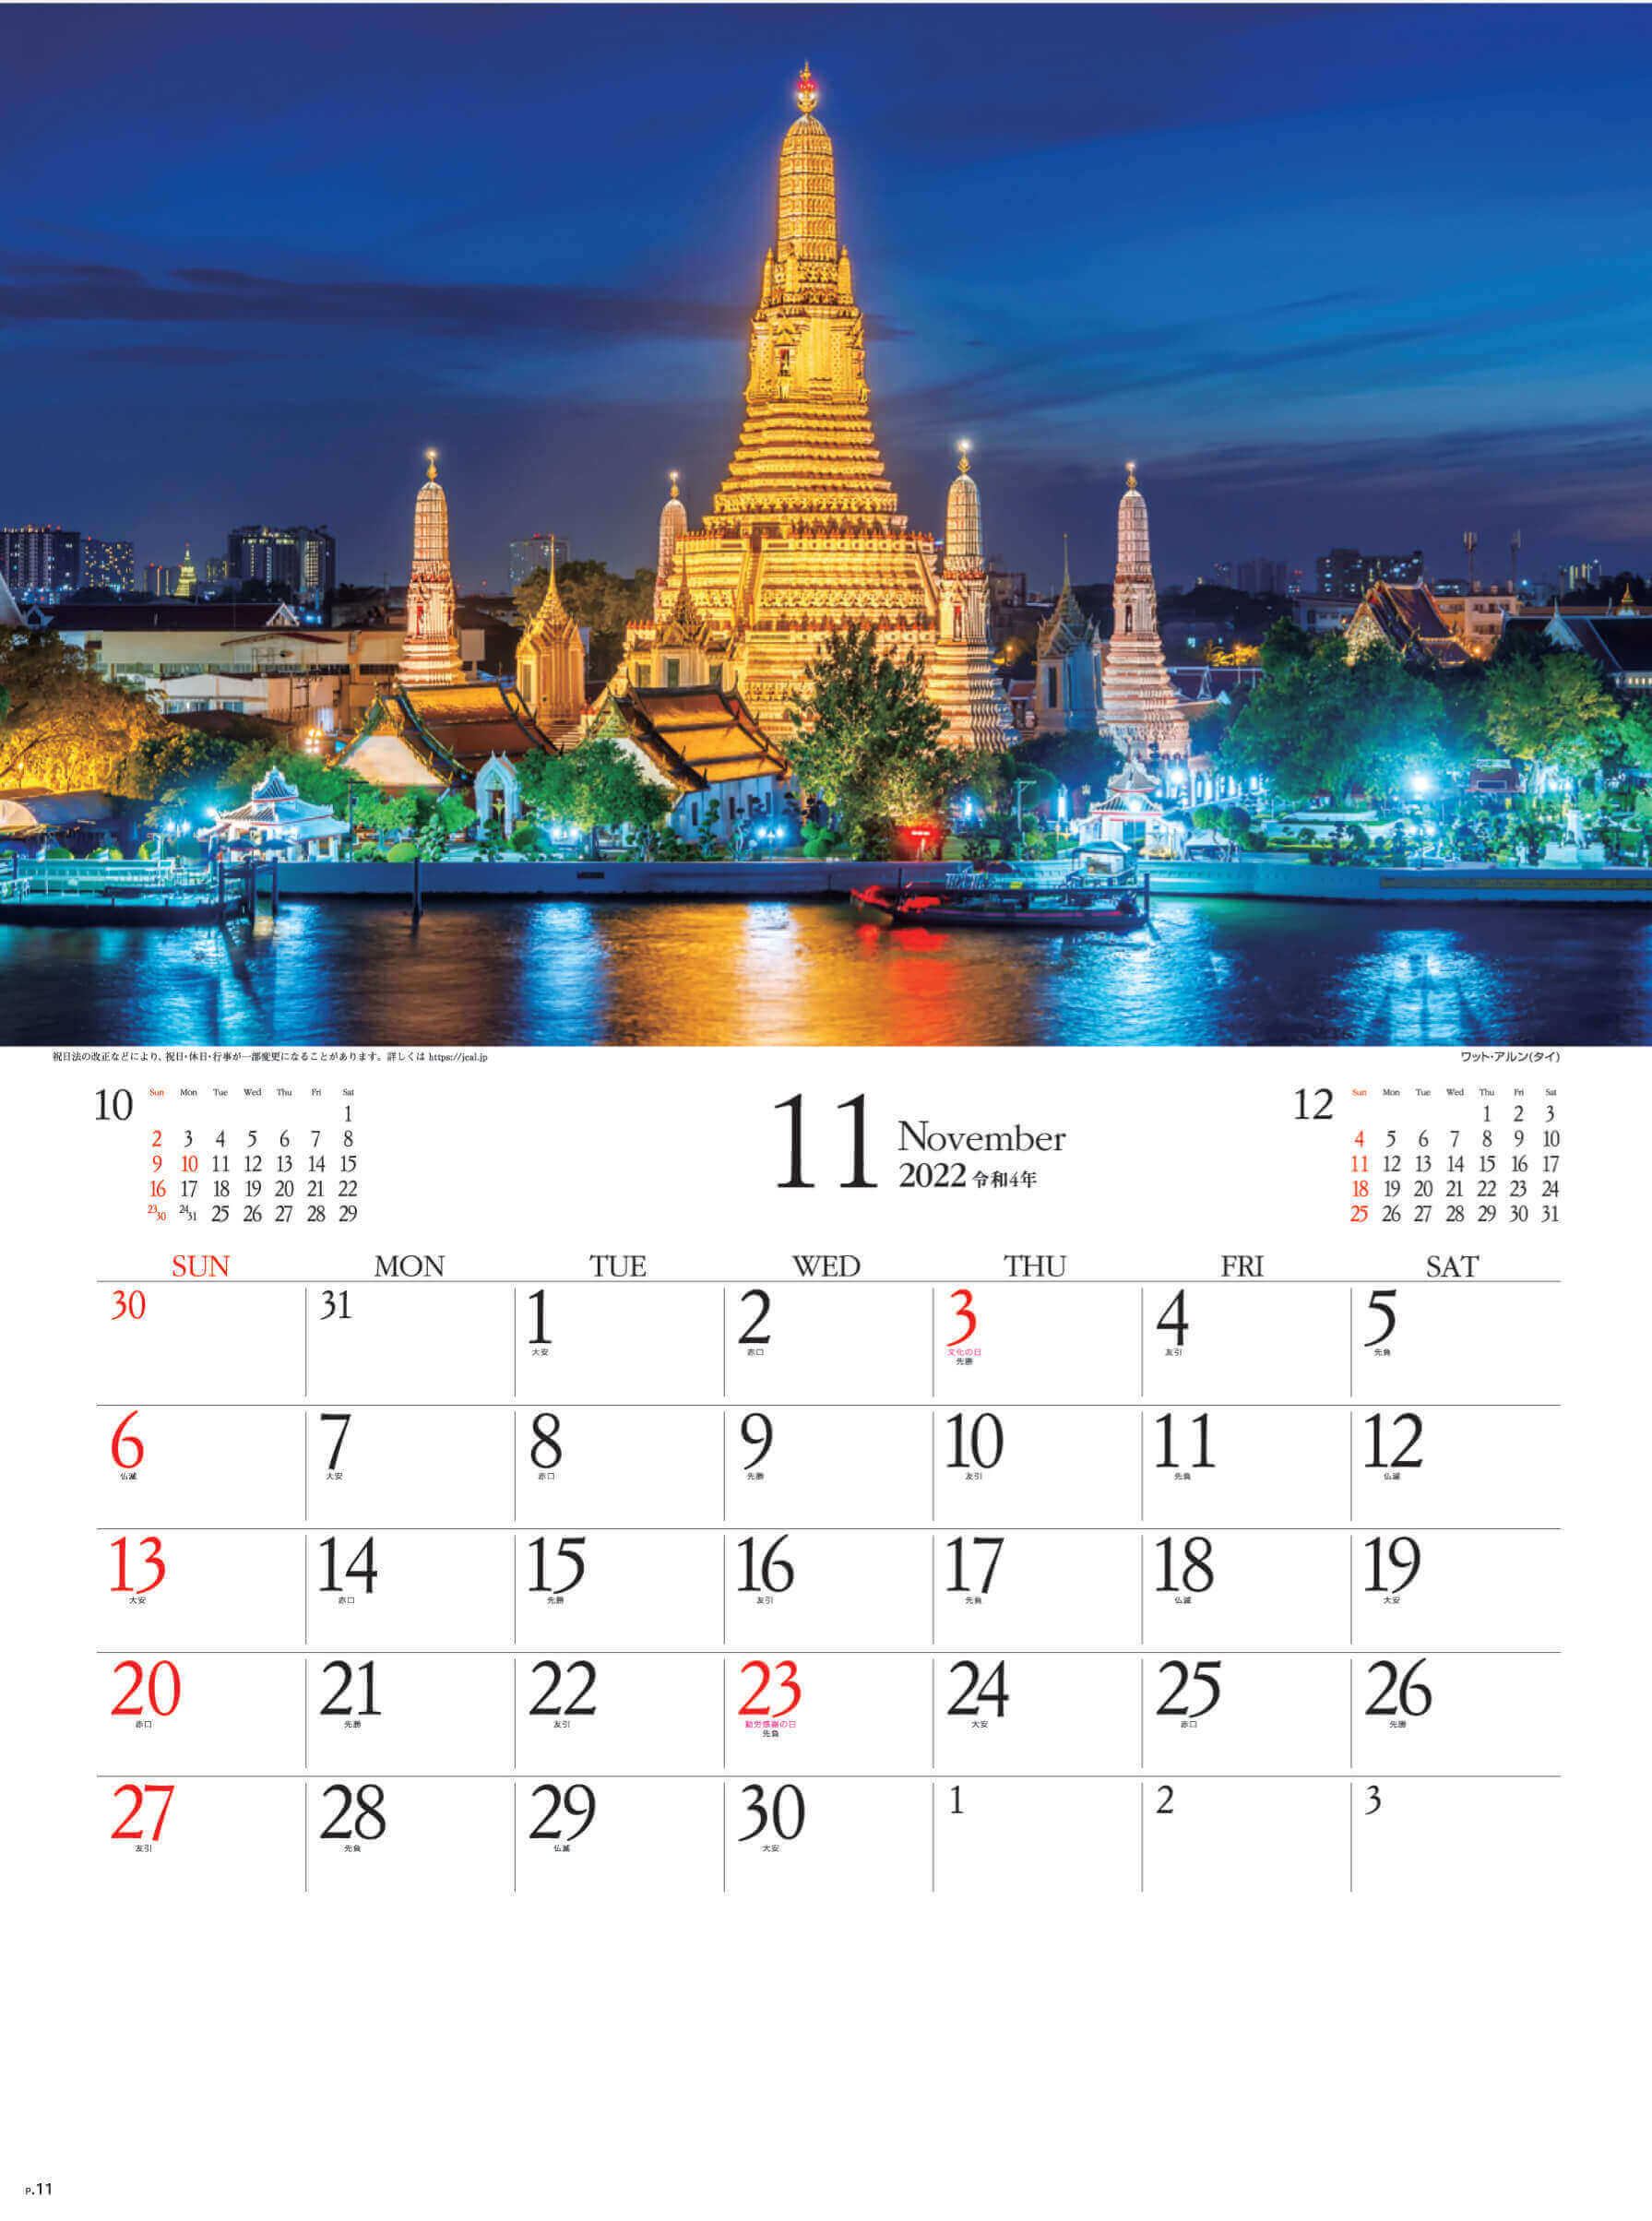 11月 ワット・アルン タイ エンドレスシティ・世界の夜景 2022年カレンダーの画像